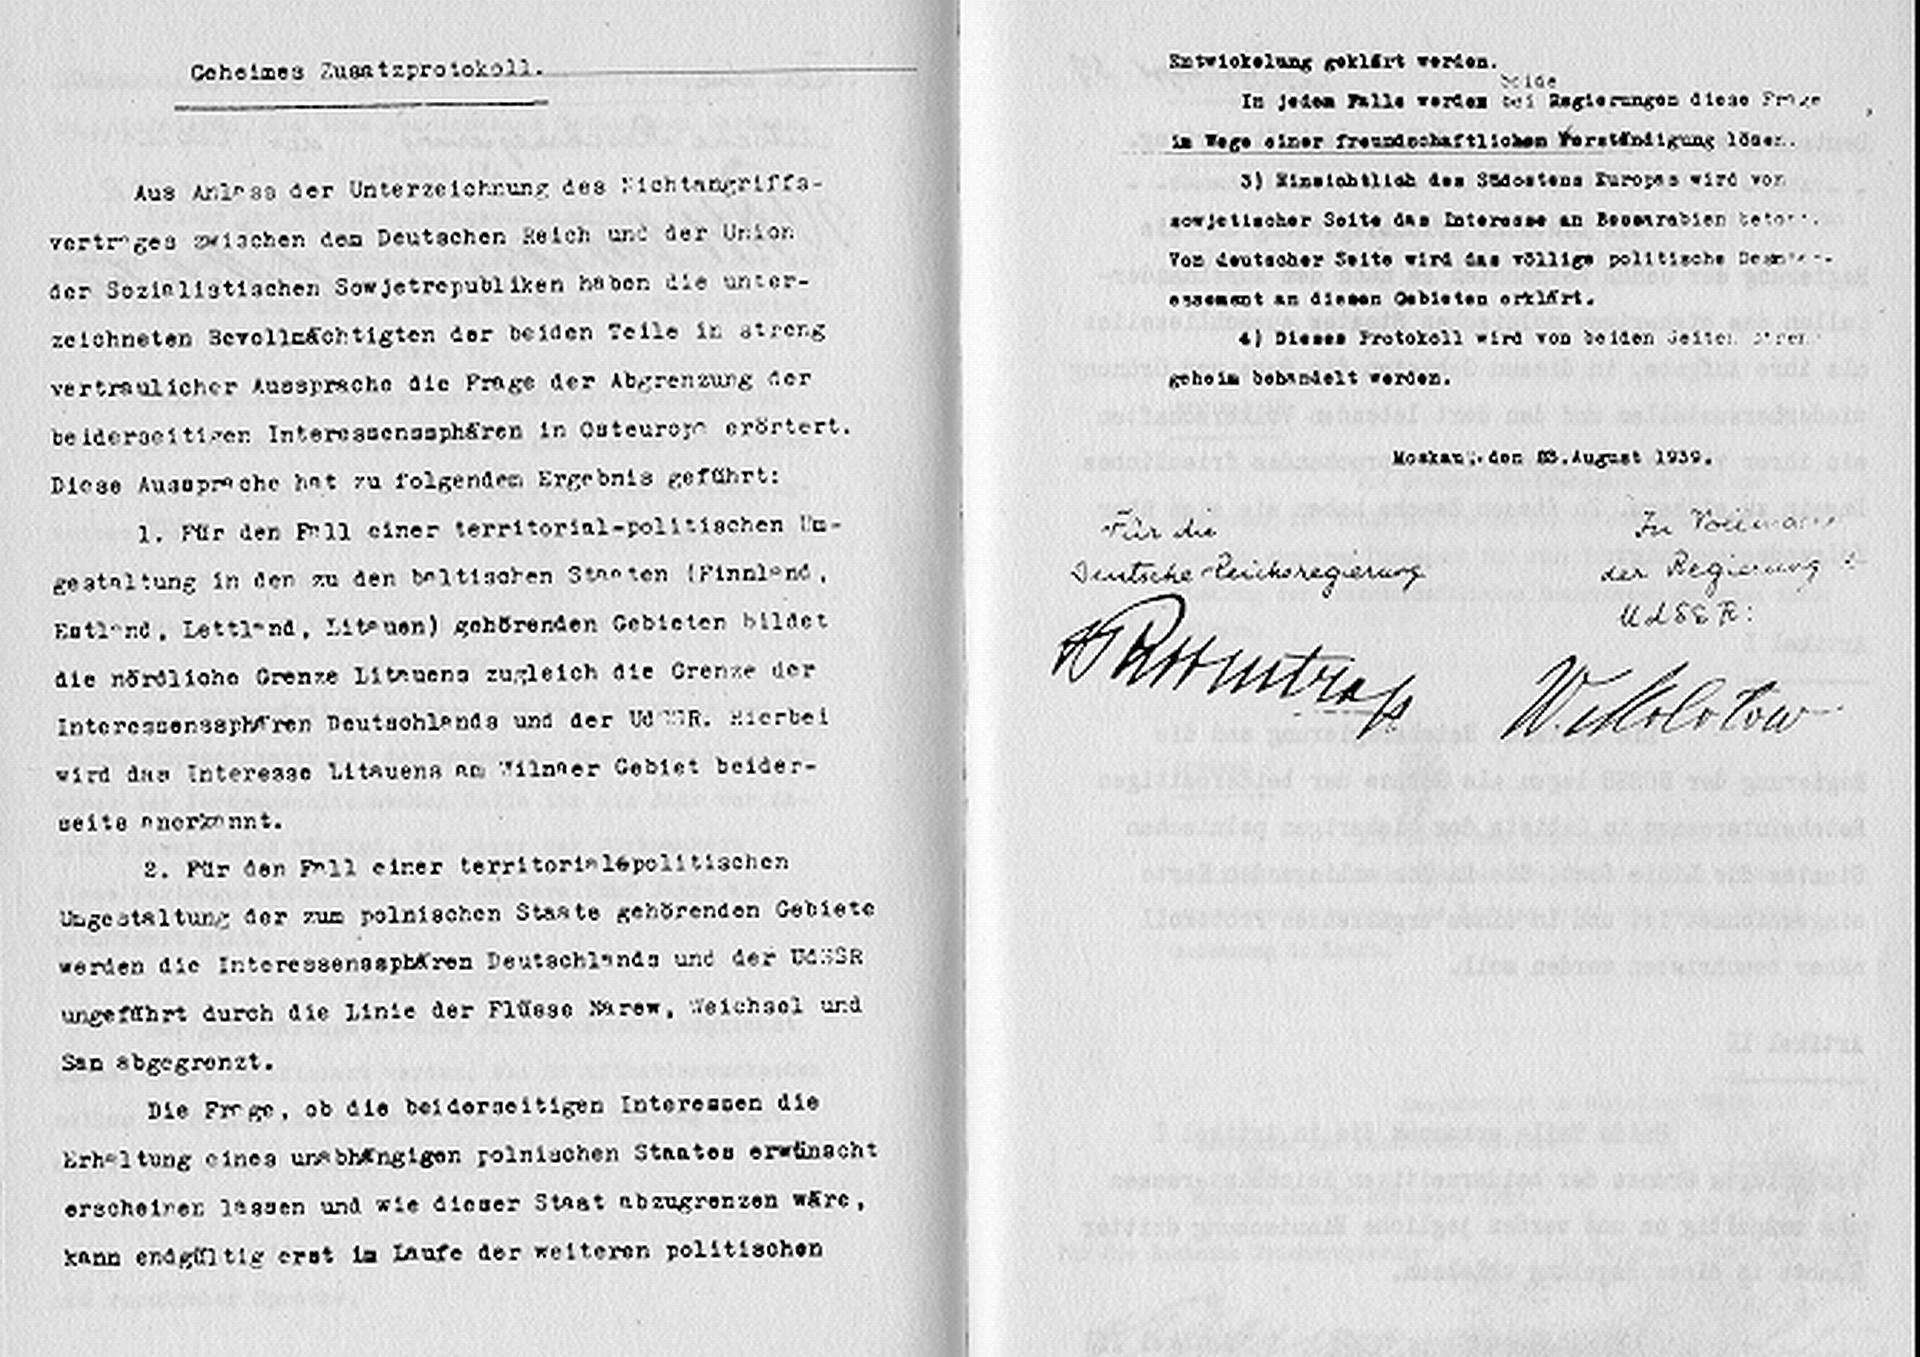 Geheimes Zusatzprotokoll zum deutsch-sowjetischen Nichtangriffspakt von 1939